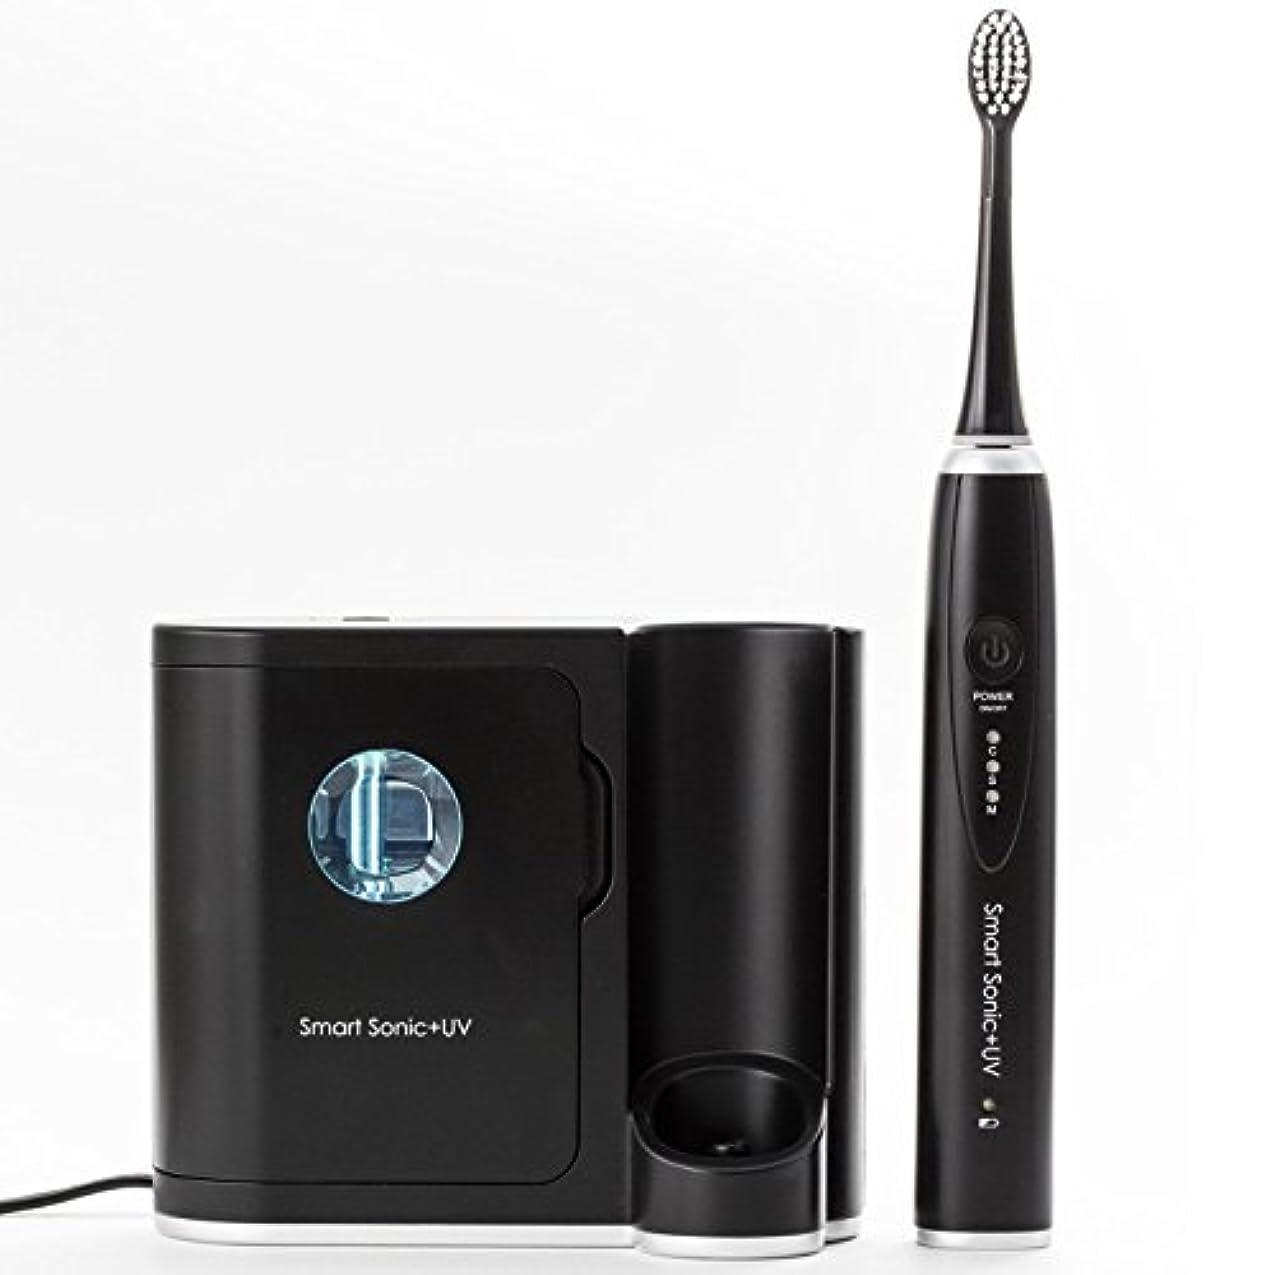 せっかち付属品取得音波歯ブラシ UV 紫外線除菌 歯ブラシ 殺菌機能付き 電動歯ブラシ スマートソニック プラス UV Smart Sonic UV